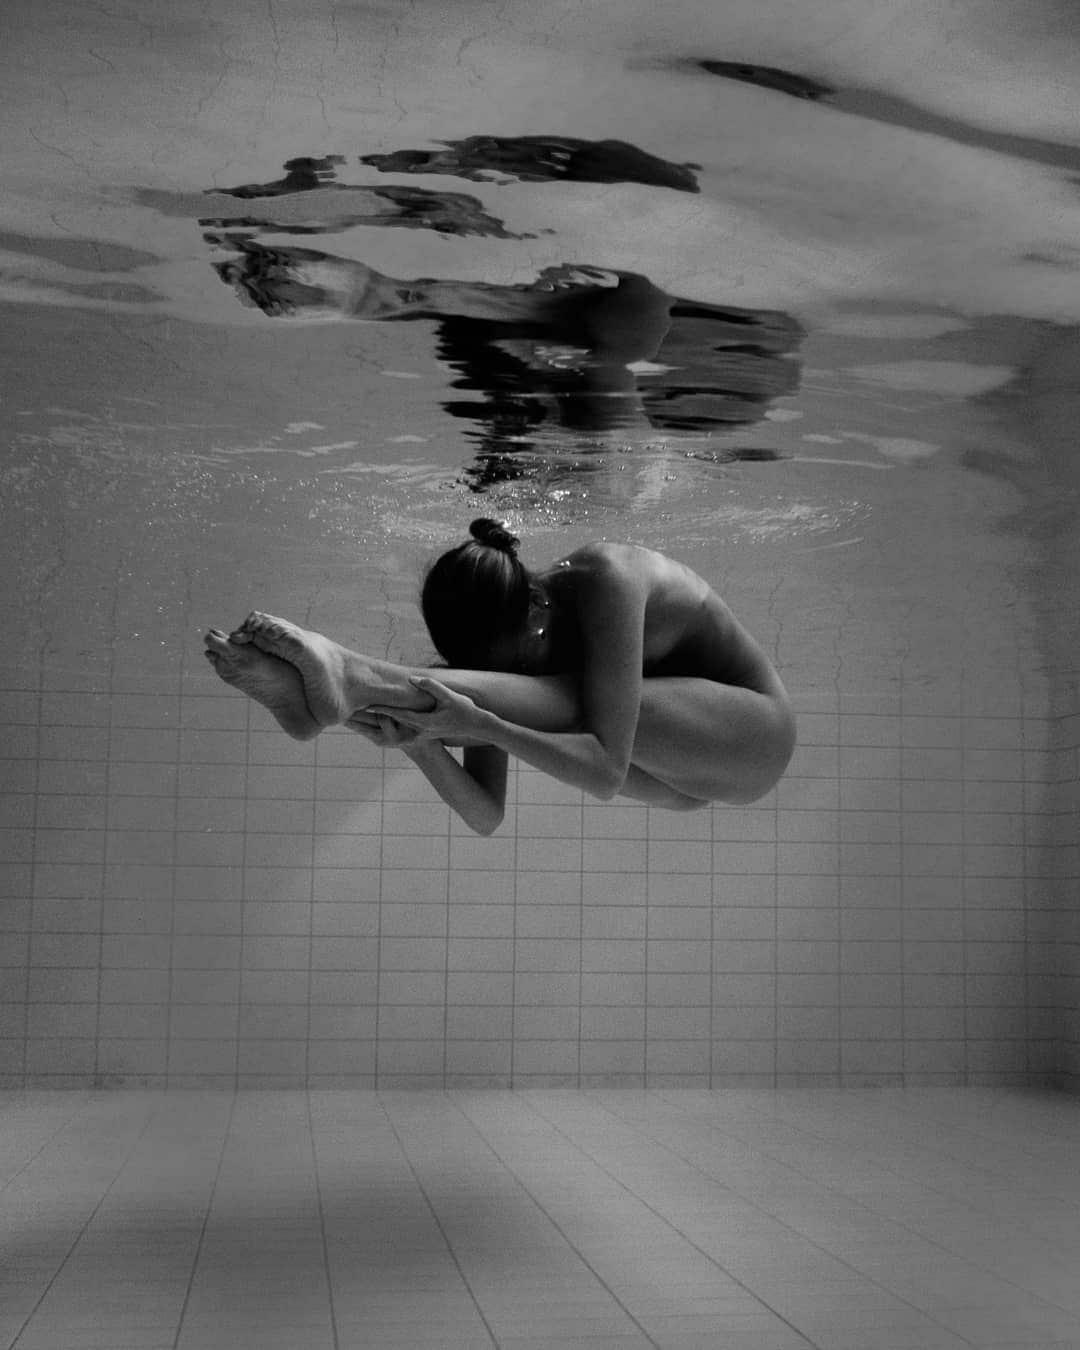 న్యూడ్ యోగా గర్ల్ (Photo: nude_yogagirl/Instagram)